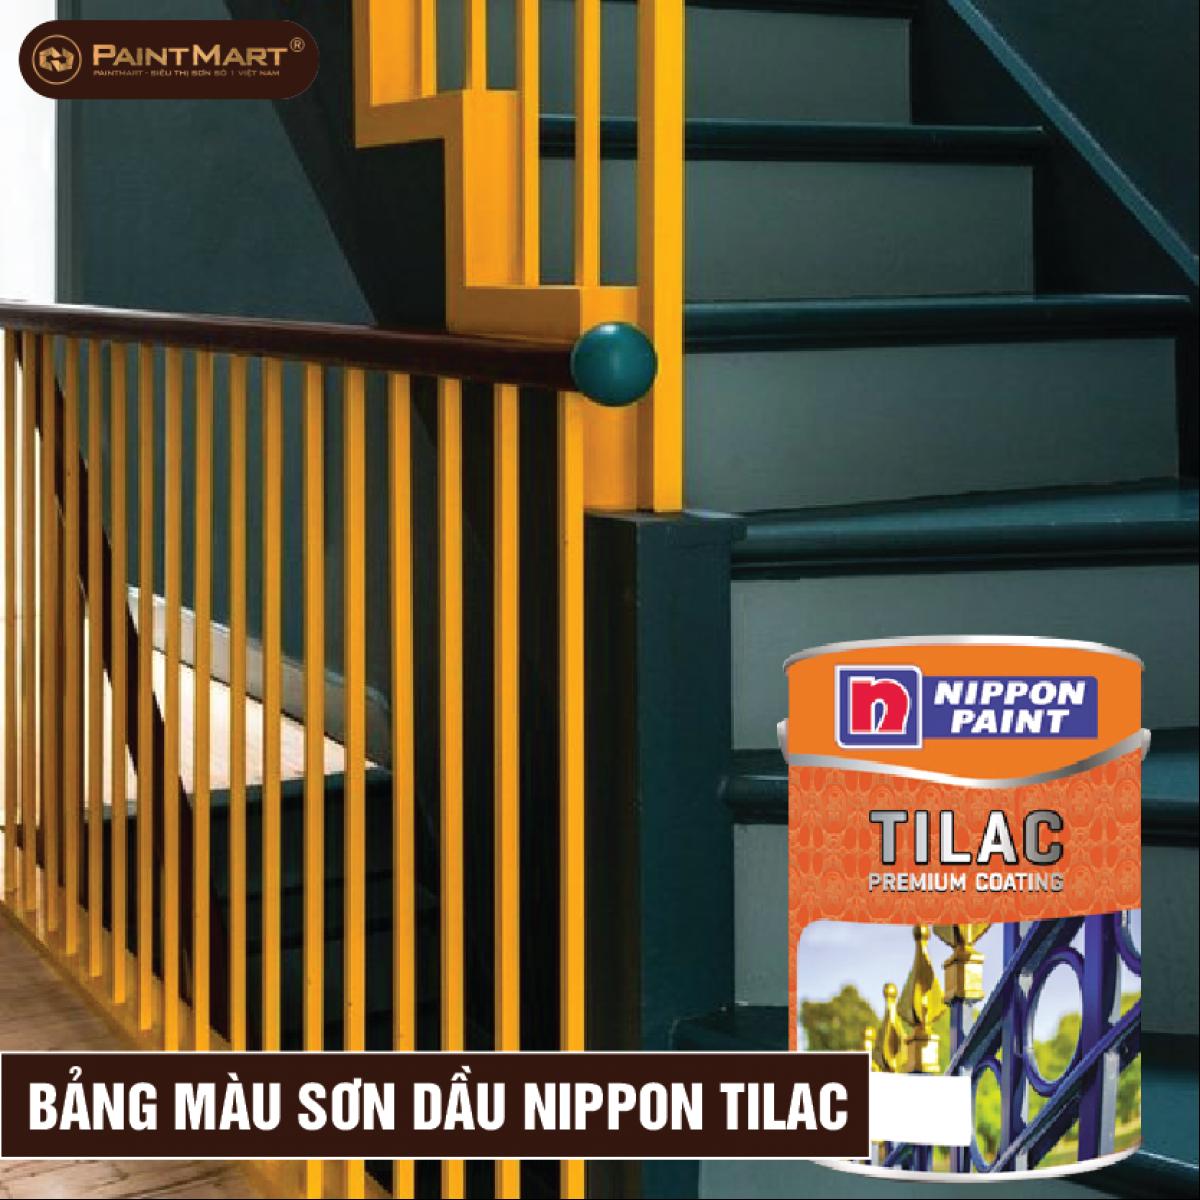 Bảng màu sơn dầu Nippon Tilac